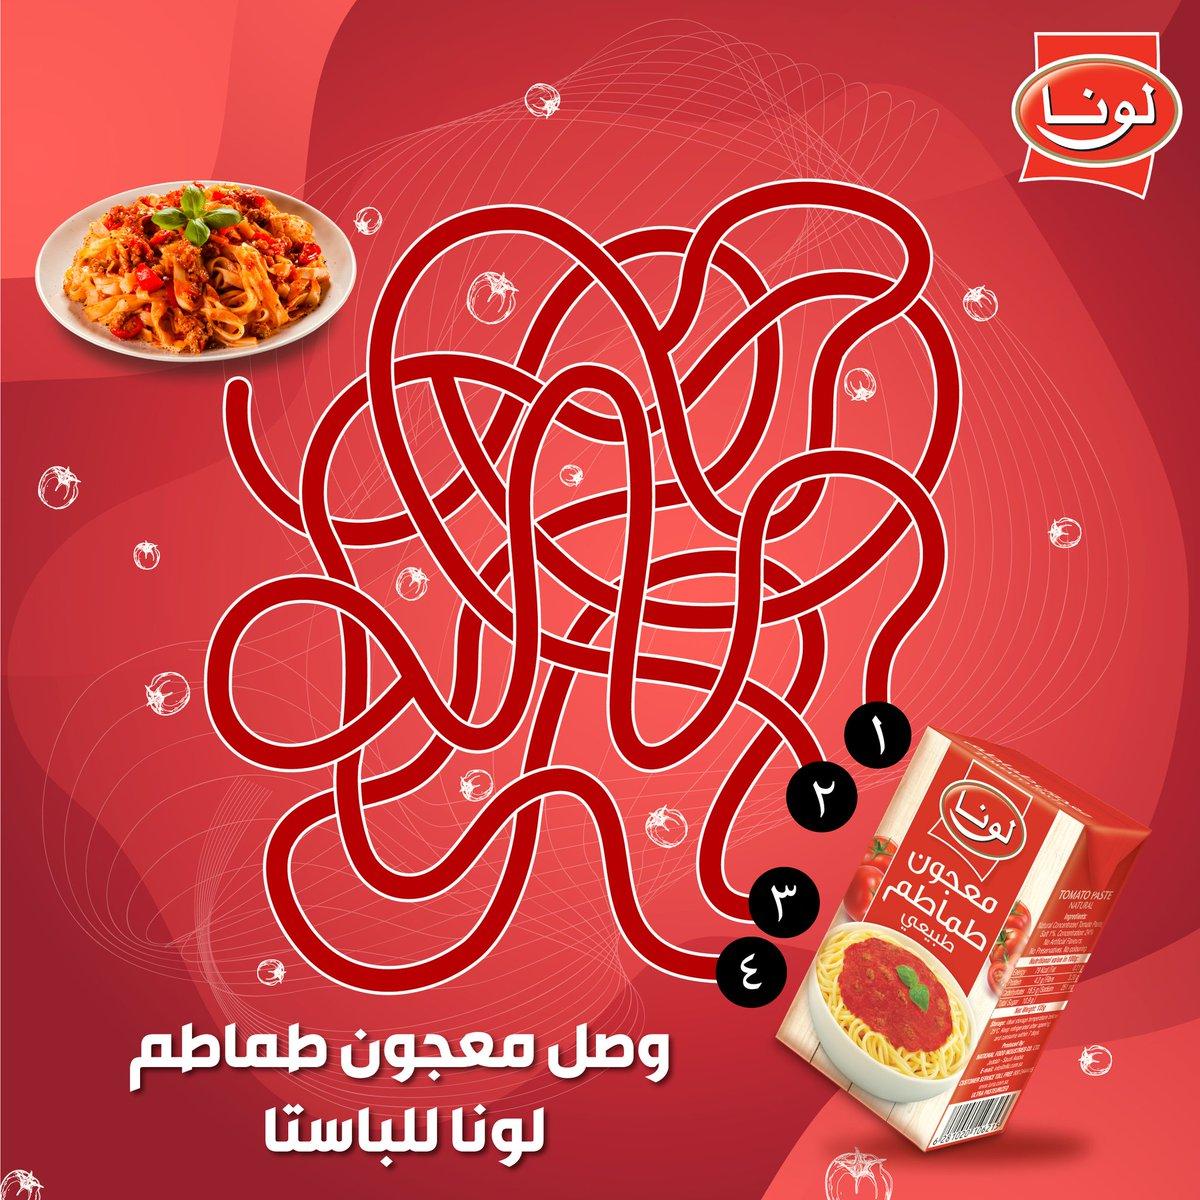 وصّل معجون طماطم لونا للباستا 👀  Which route will reach the pasta?🥫 🍝  #لونا #اكلات #طبخات #اكسبلور #جدة #الرياض  #luna #fun #maze  #food #foodfun https://t.co/Y2LfheHuh7